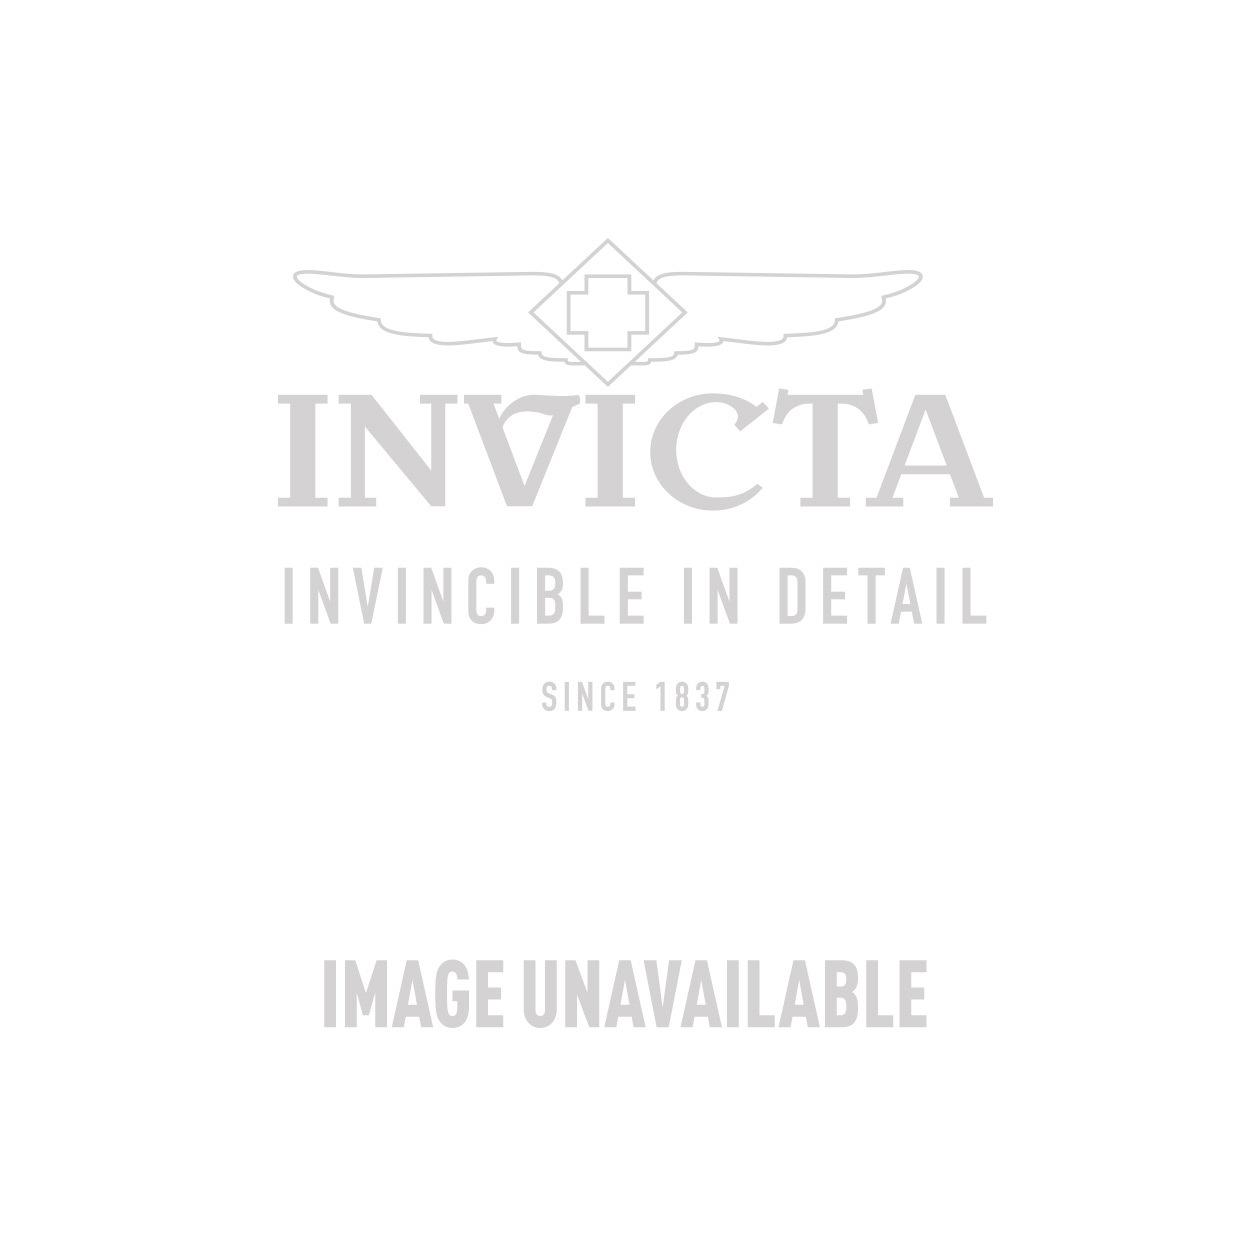 Invicta Model 30079